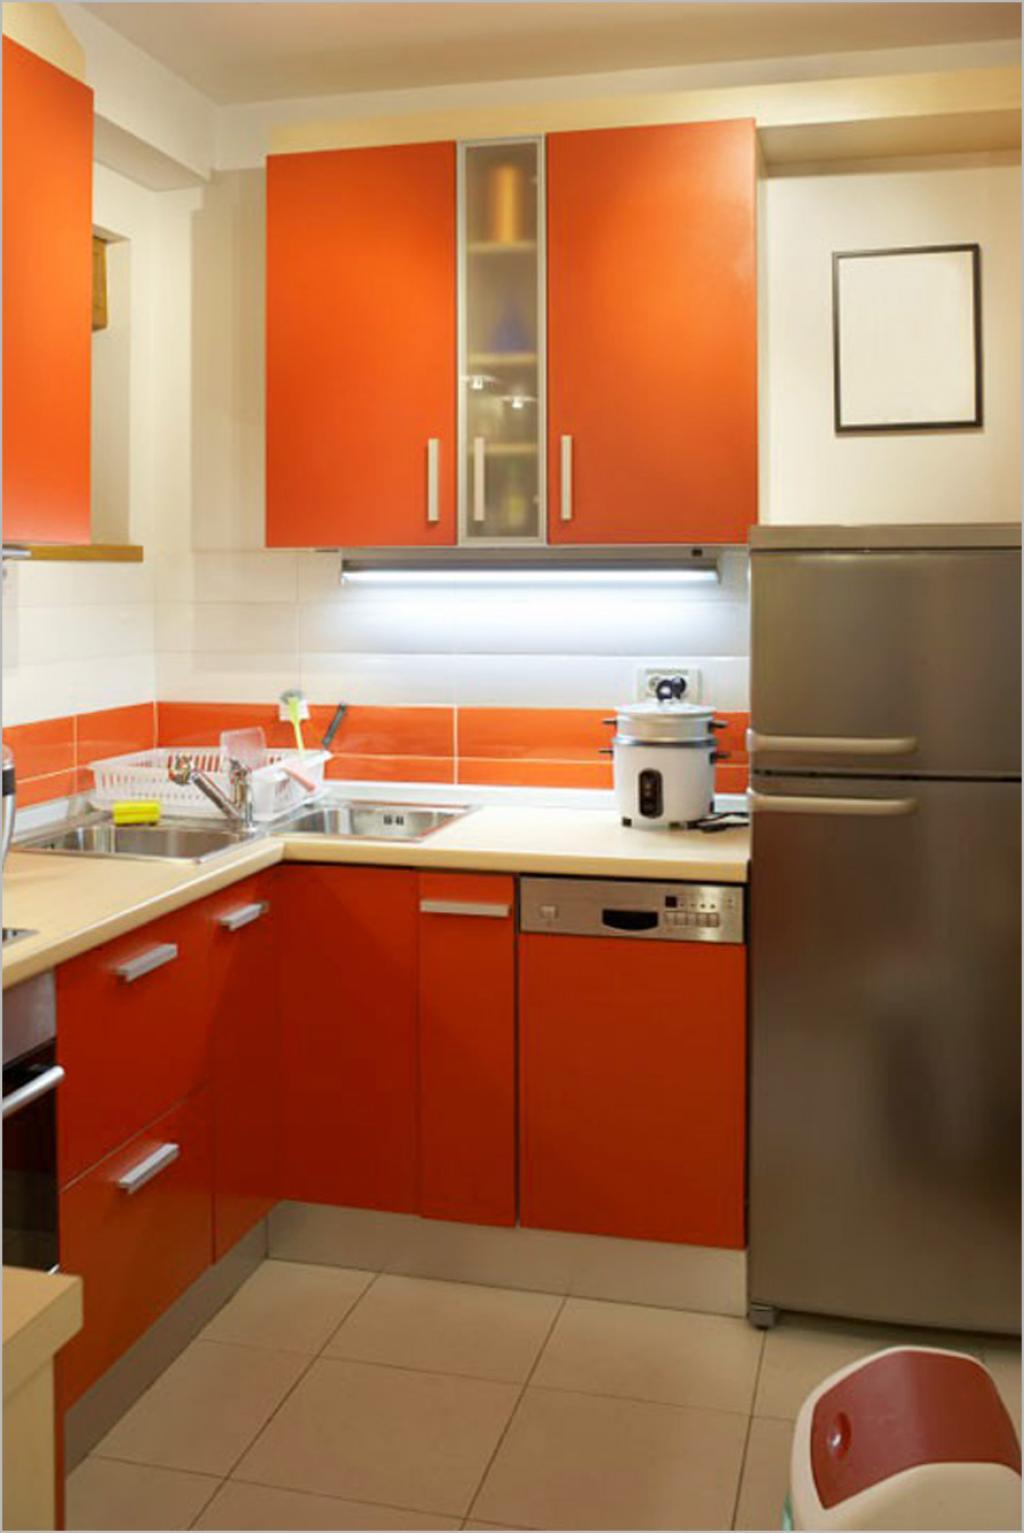 Small-Kitchen-Design-Idea